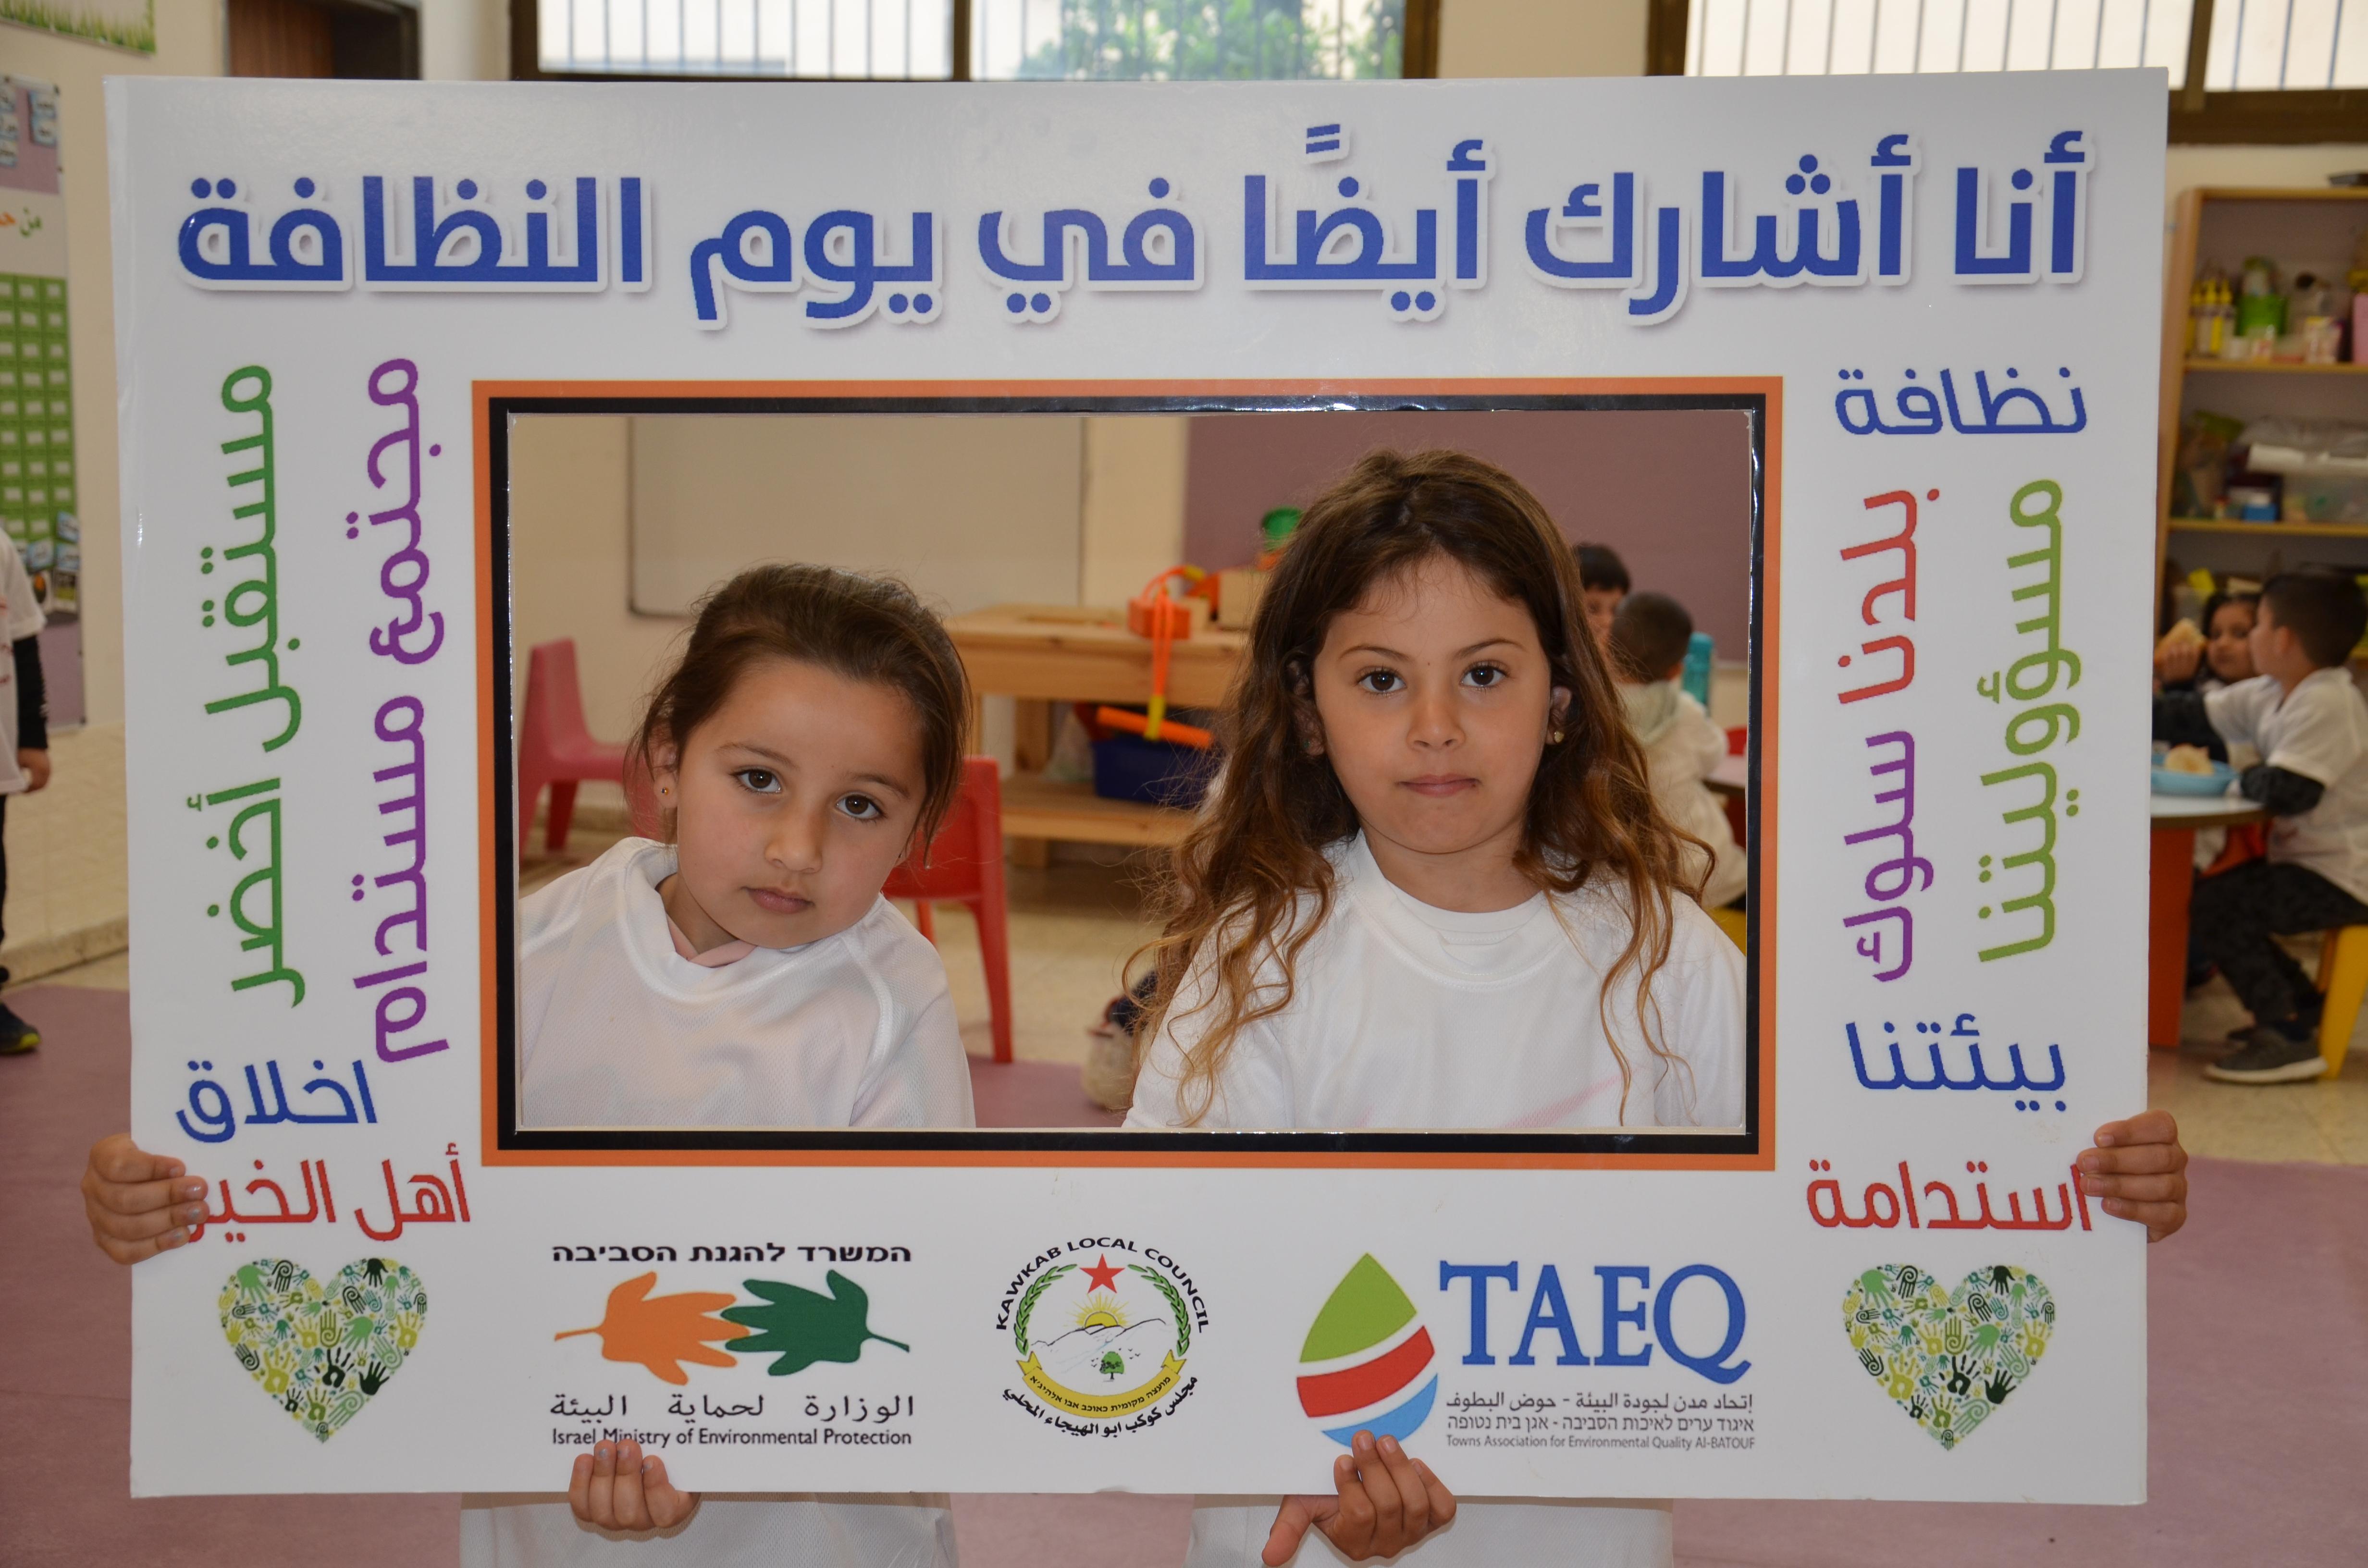 مجلس كوكب أبو الهيجاء المحلي:يوم النظافة والأعمال الخيرية